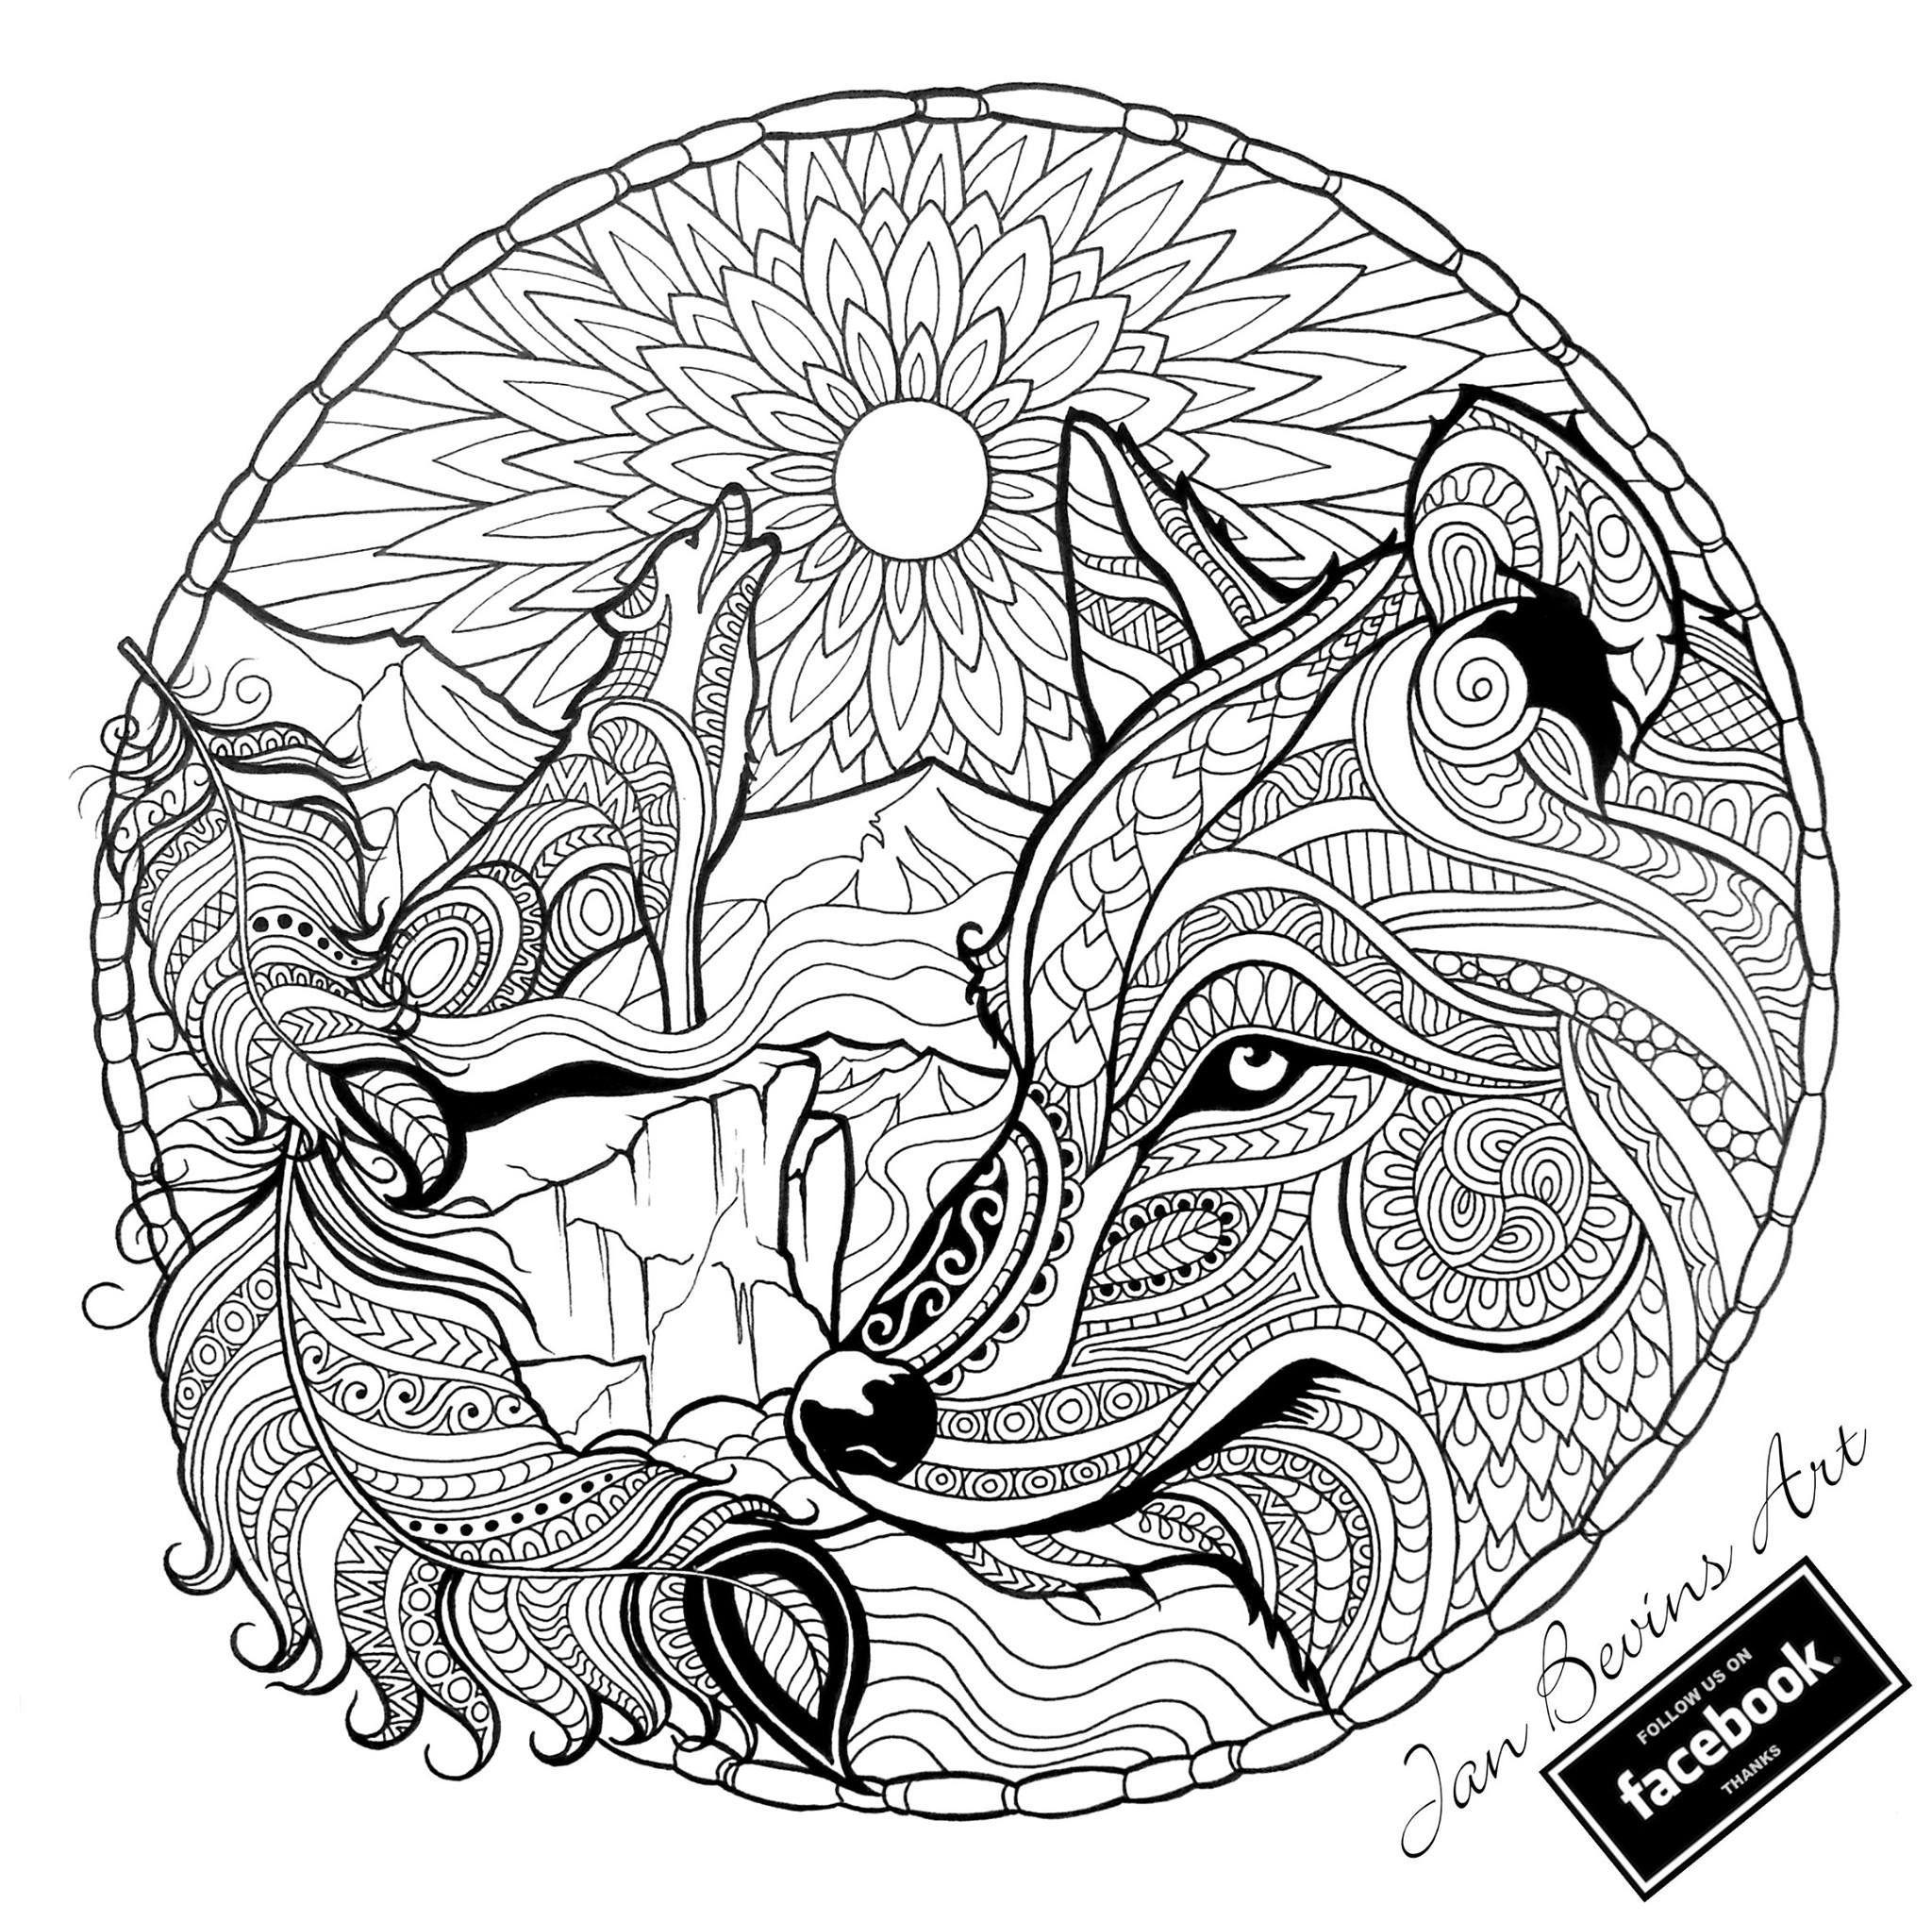 Kleurplaten Volwassenen Wolf.Native Wolf Coloring Mandala Kleurplaten Kleurplaten En